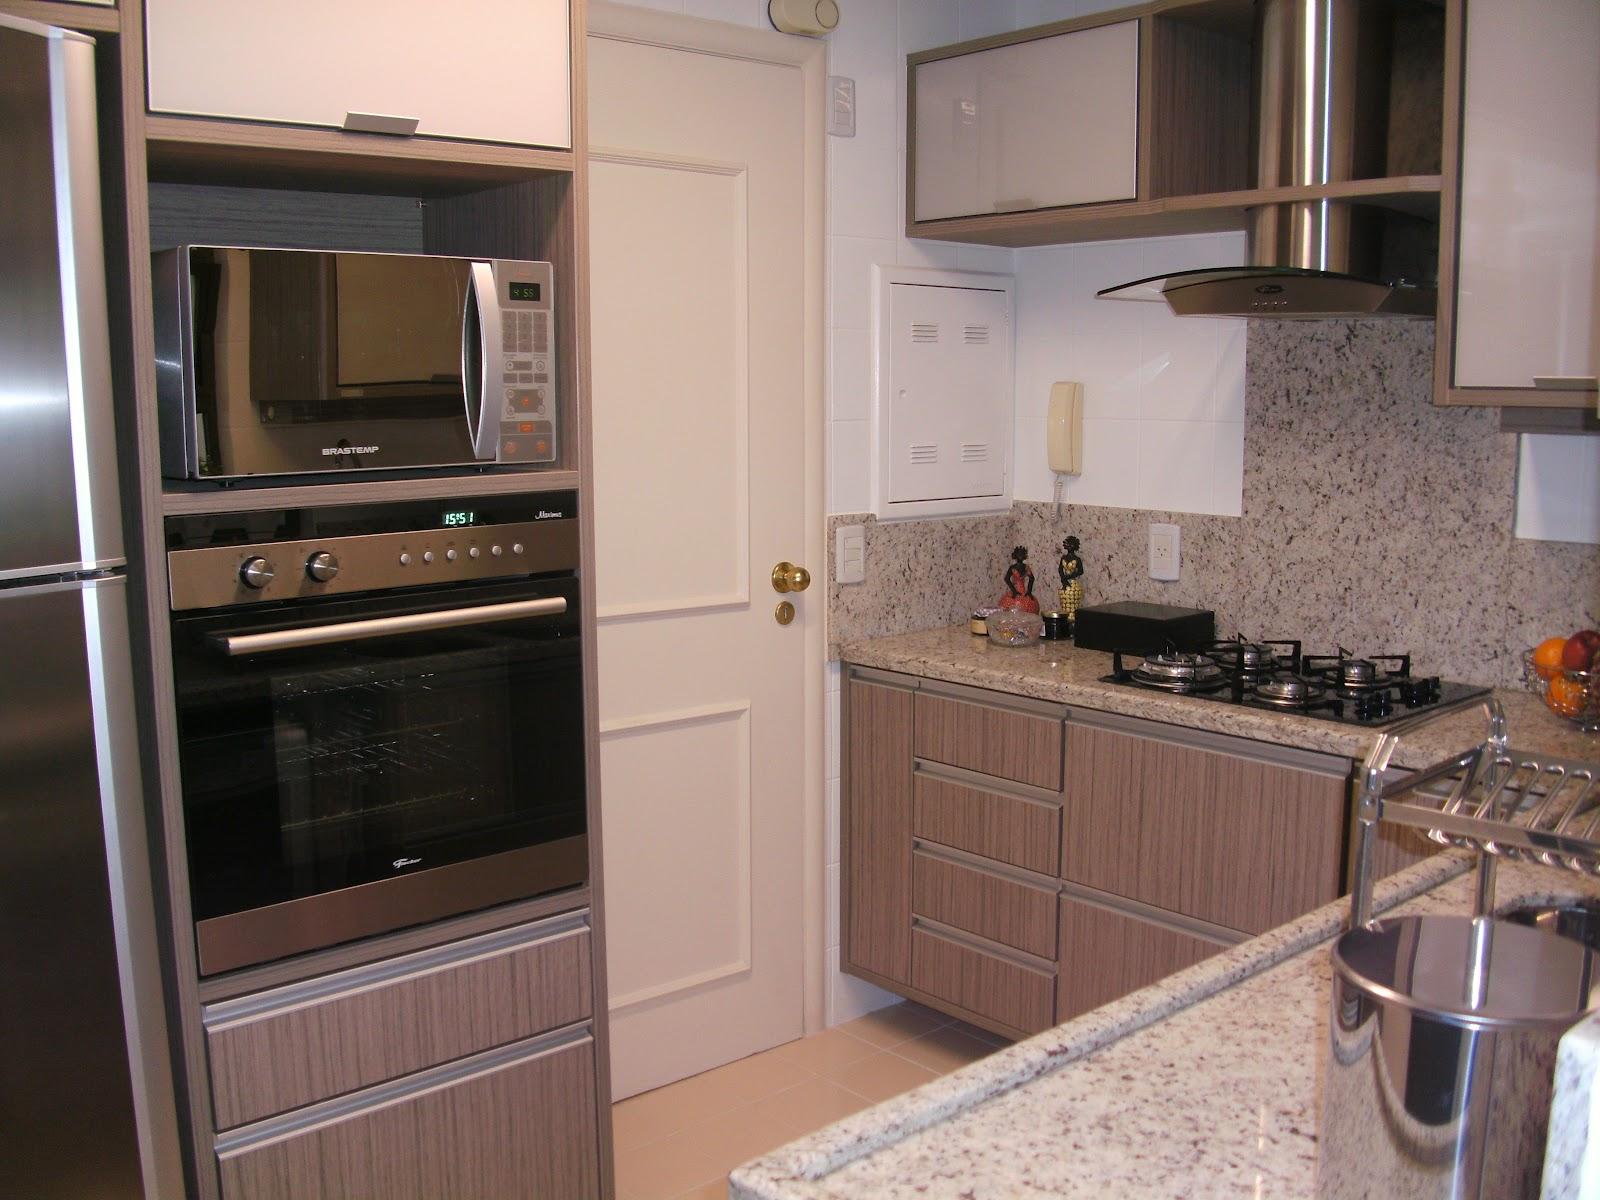 Another Image For cozinha planejada porto alegre #815E4A 1600 1200